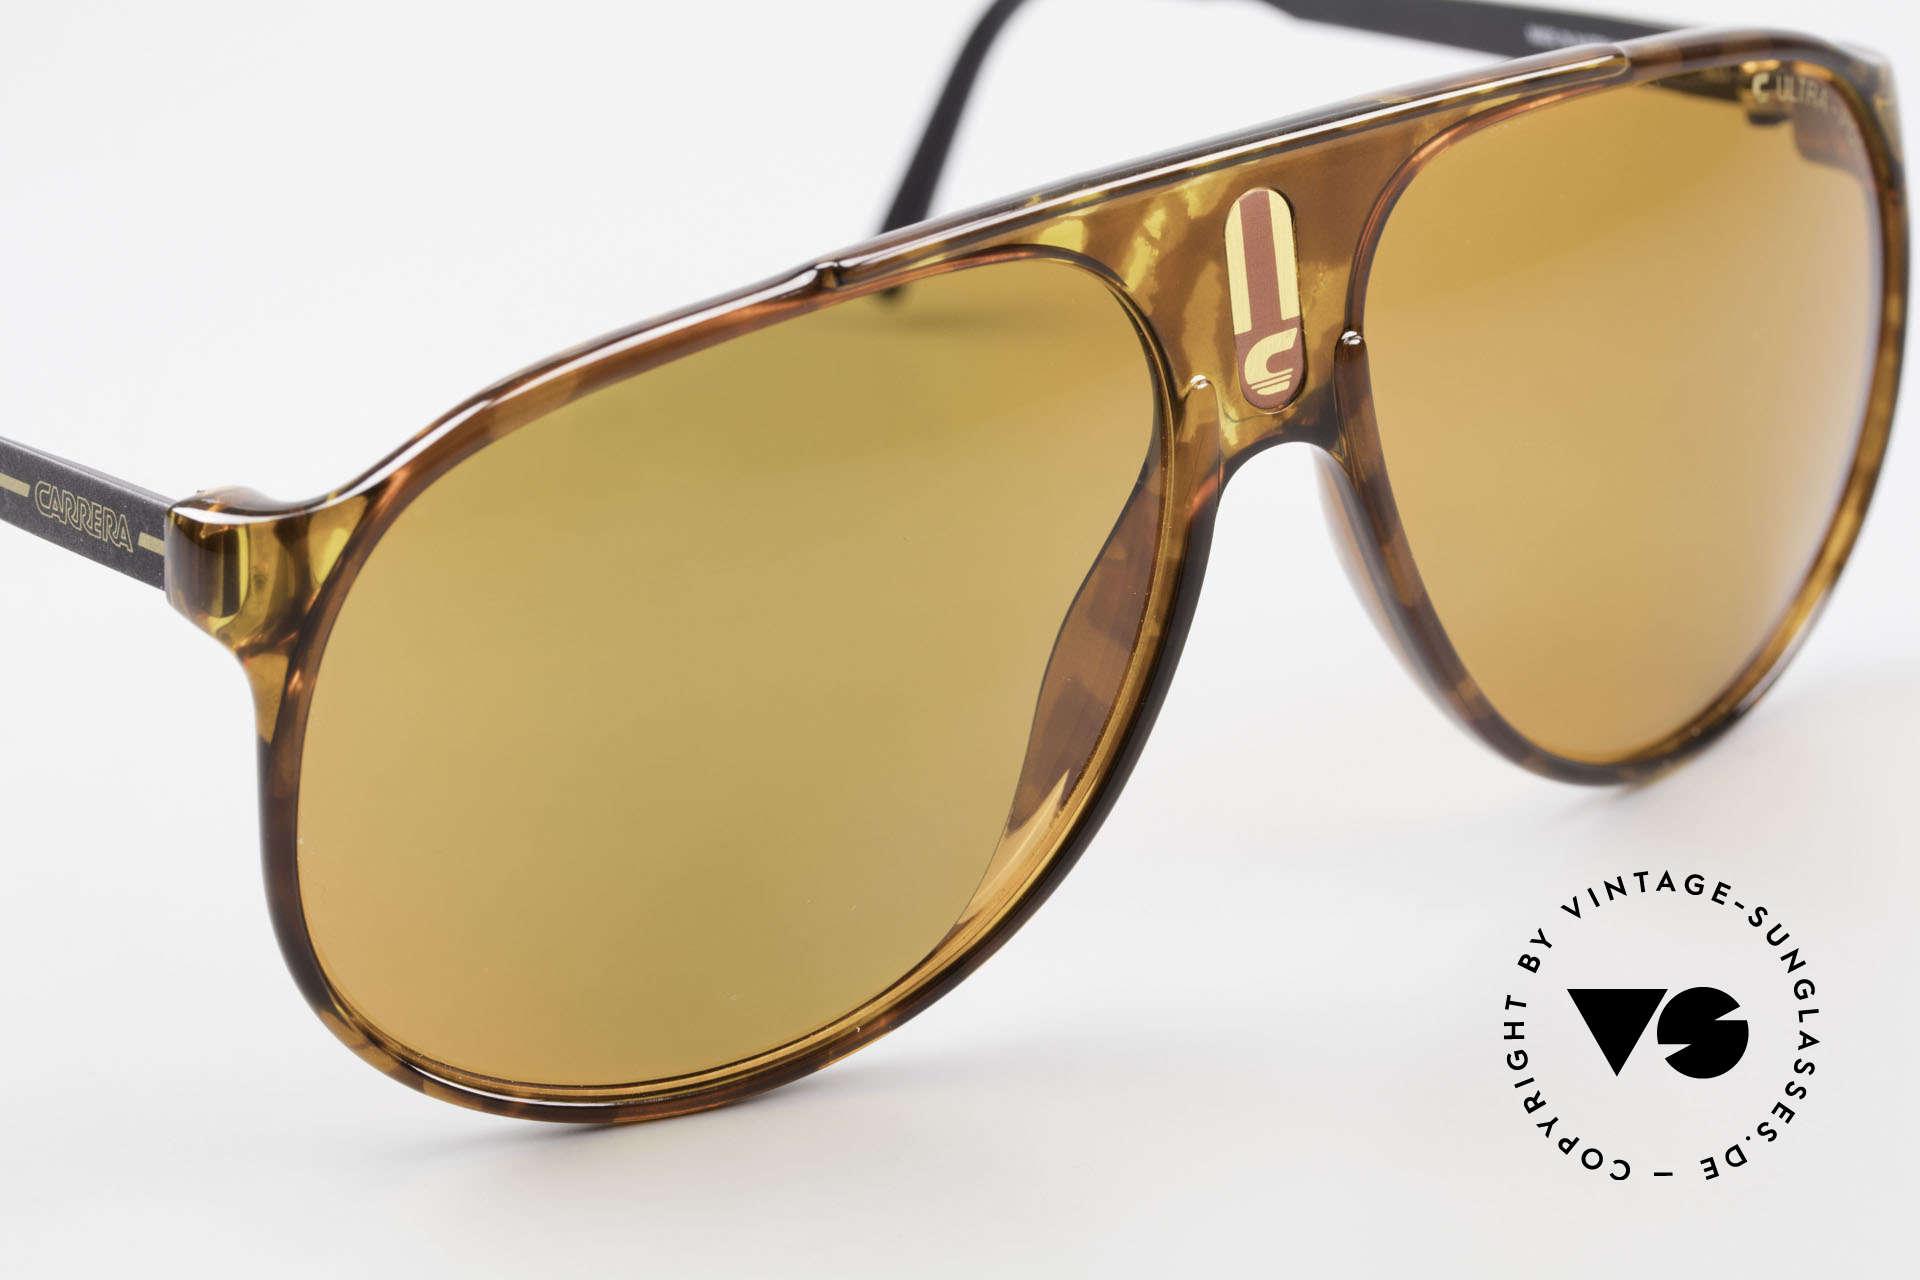 Carrera 5424 80s Sonnenbrille Polarisierend, C Ultra-Pol polarisierende Gläser; 100% UV Schutz, Passend für Herren